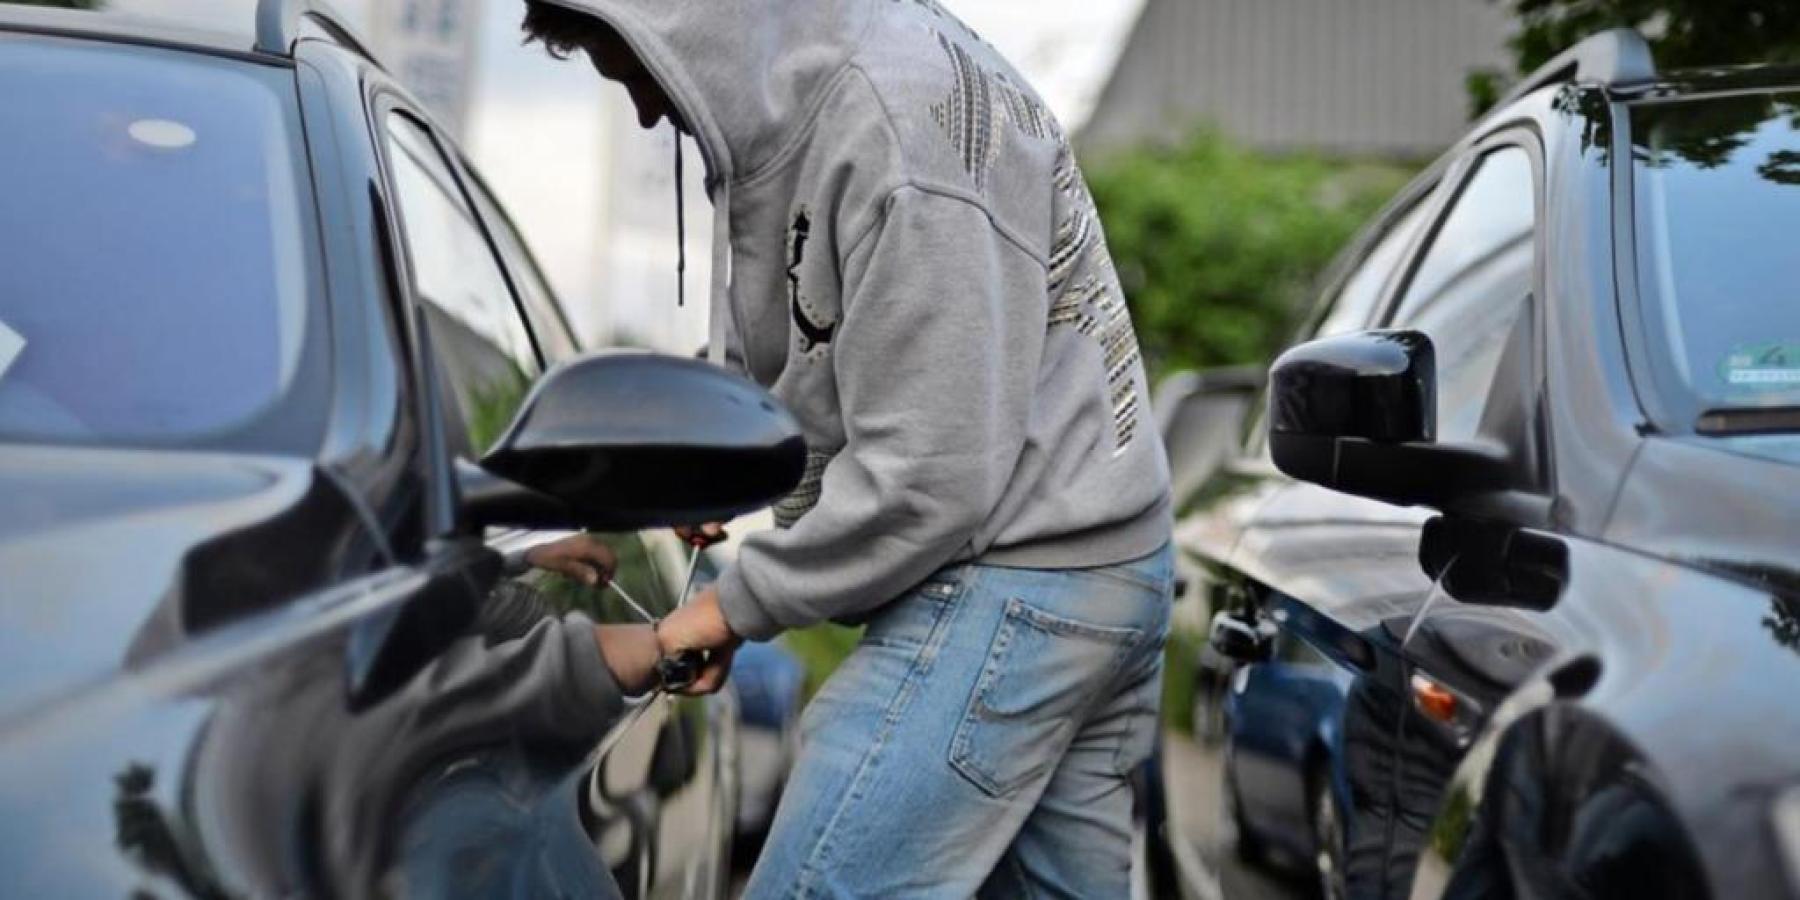 Polizei sucht Hinweise nach Diebstahl aus Auto